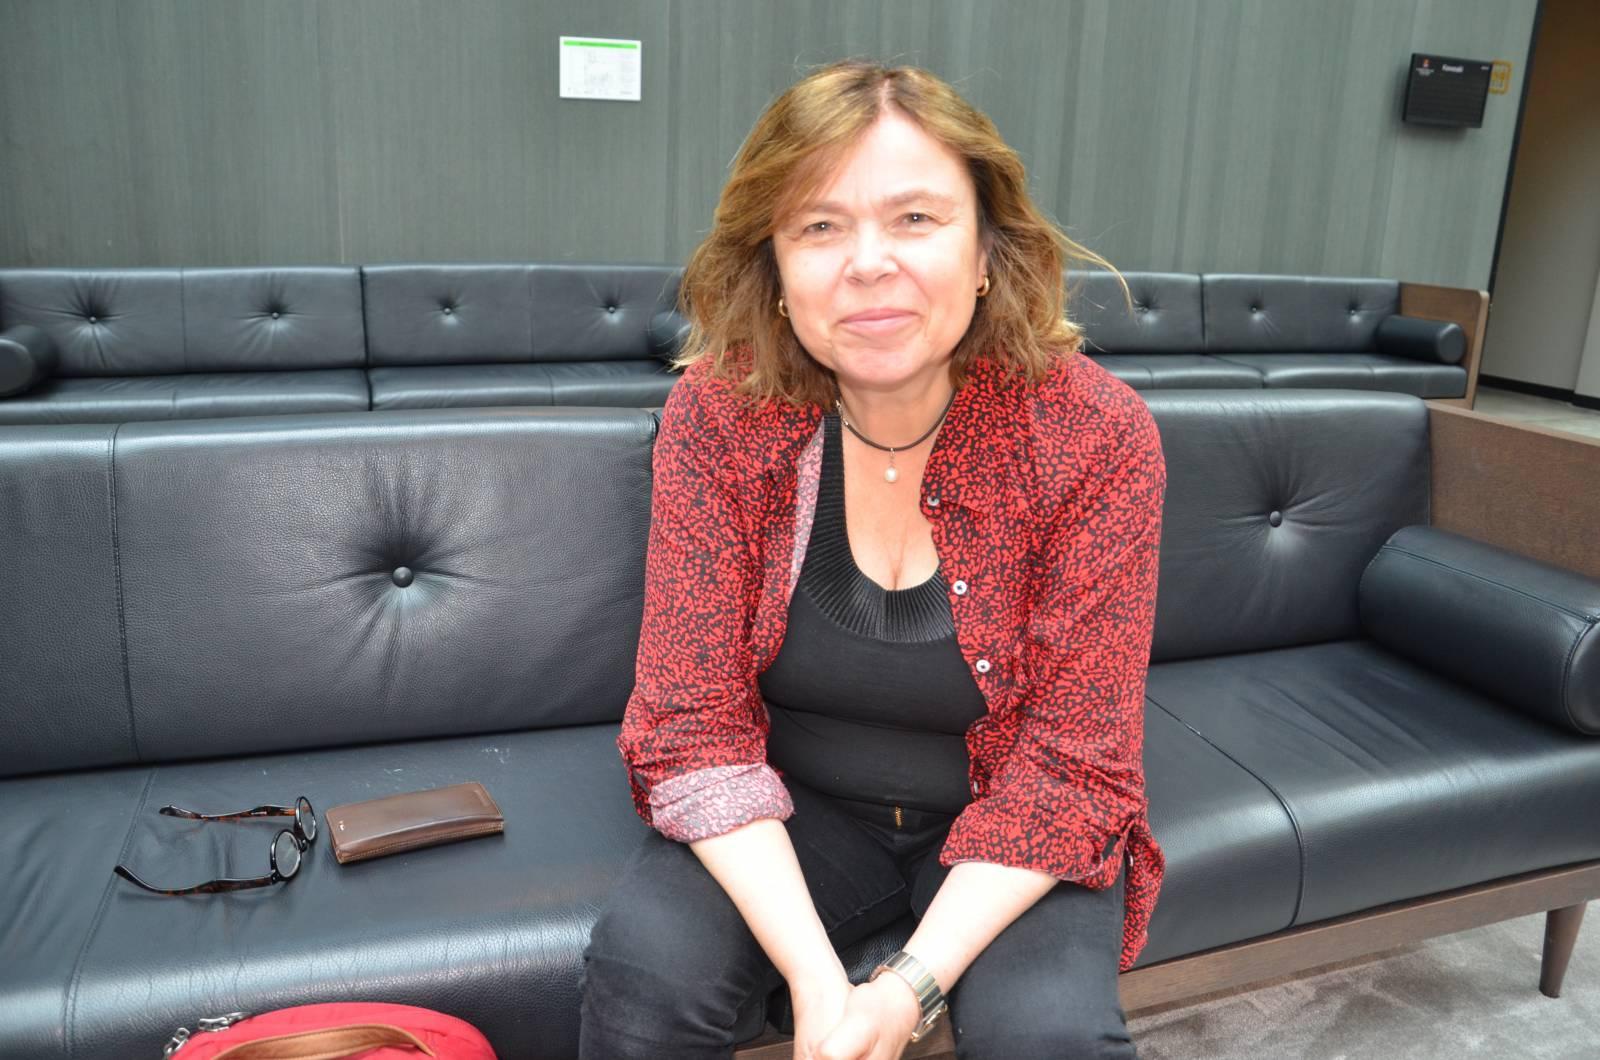 Marie Smith-Solbakken Foto Mette Møllerop